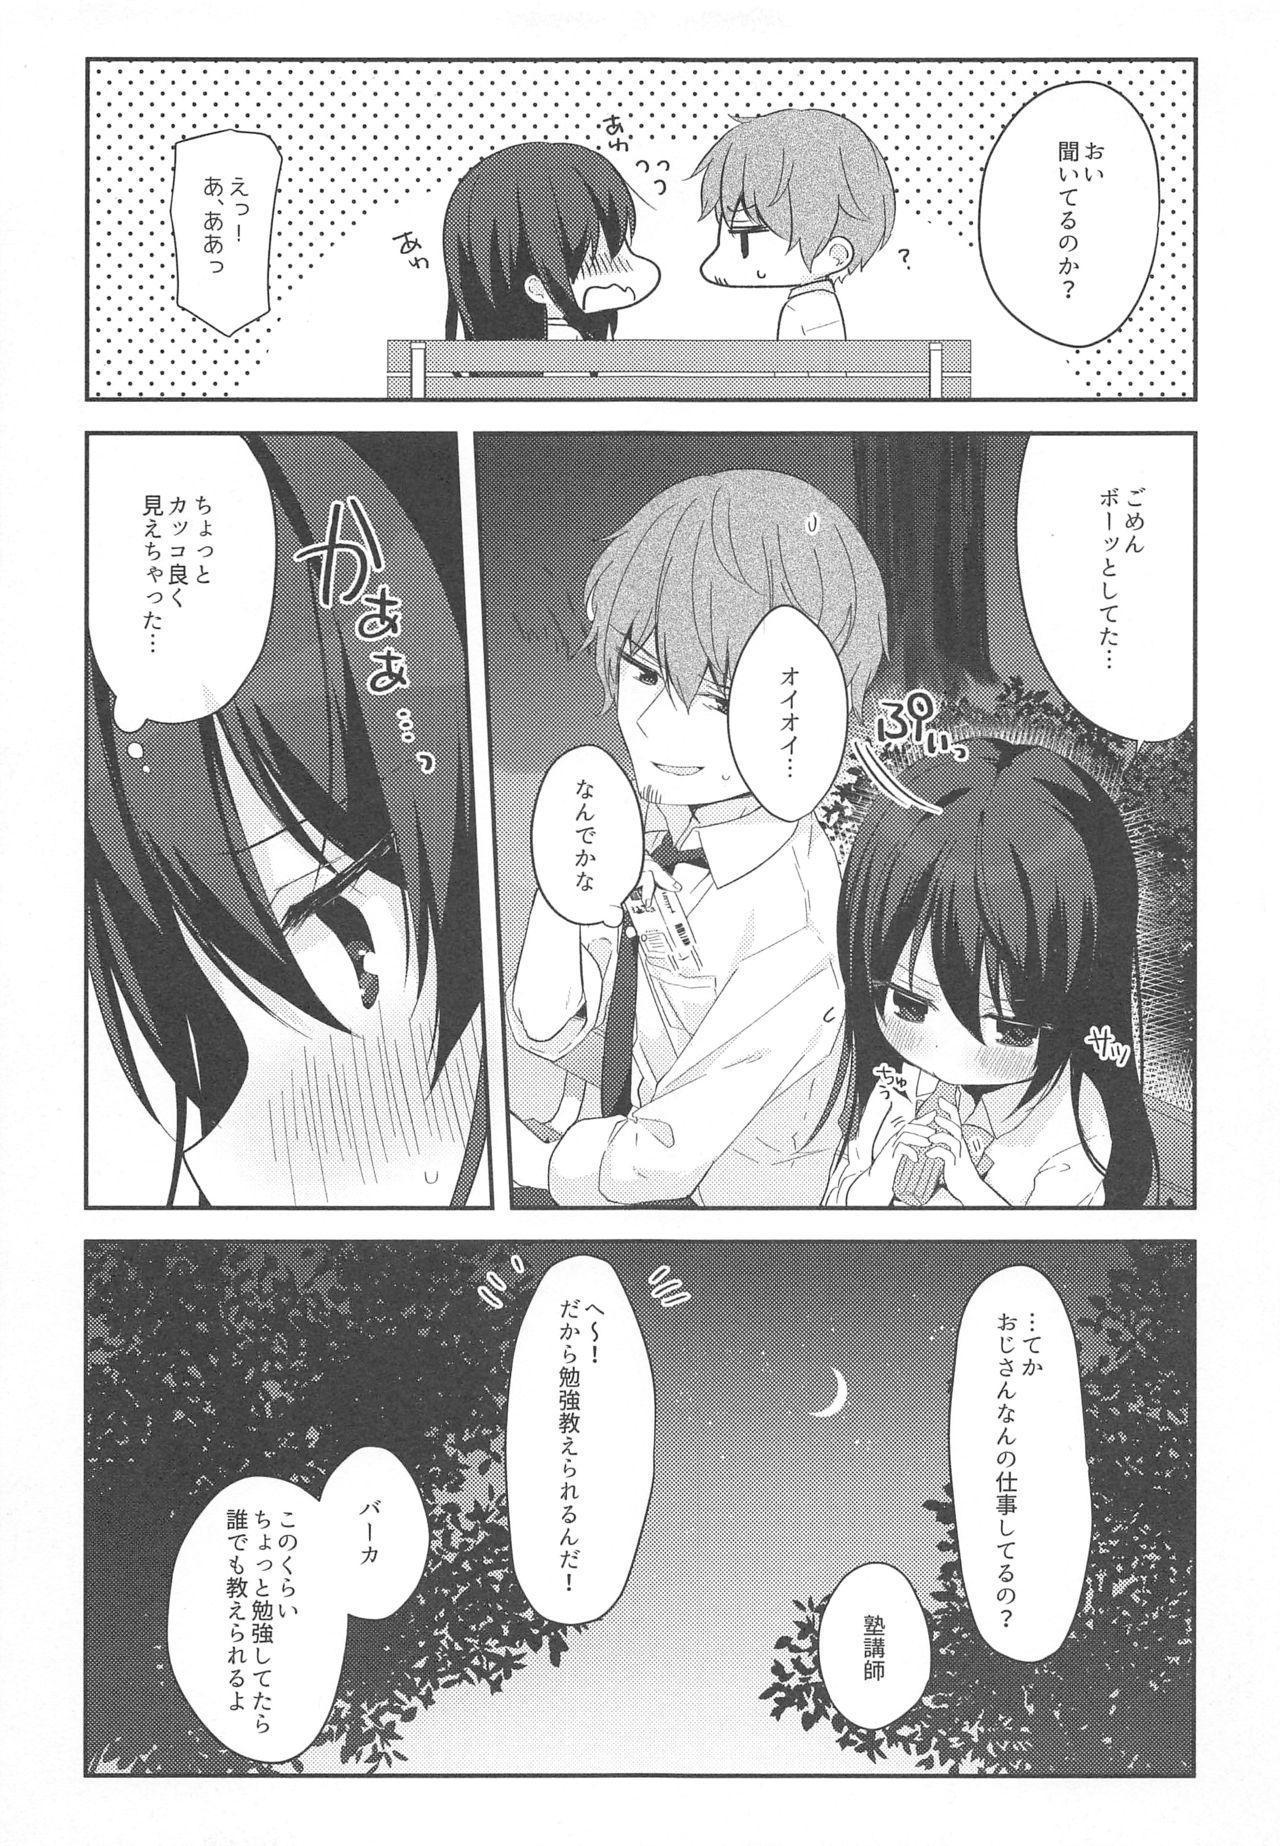 12-sai Sa no Himitsu Renai 7